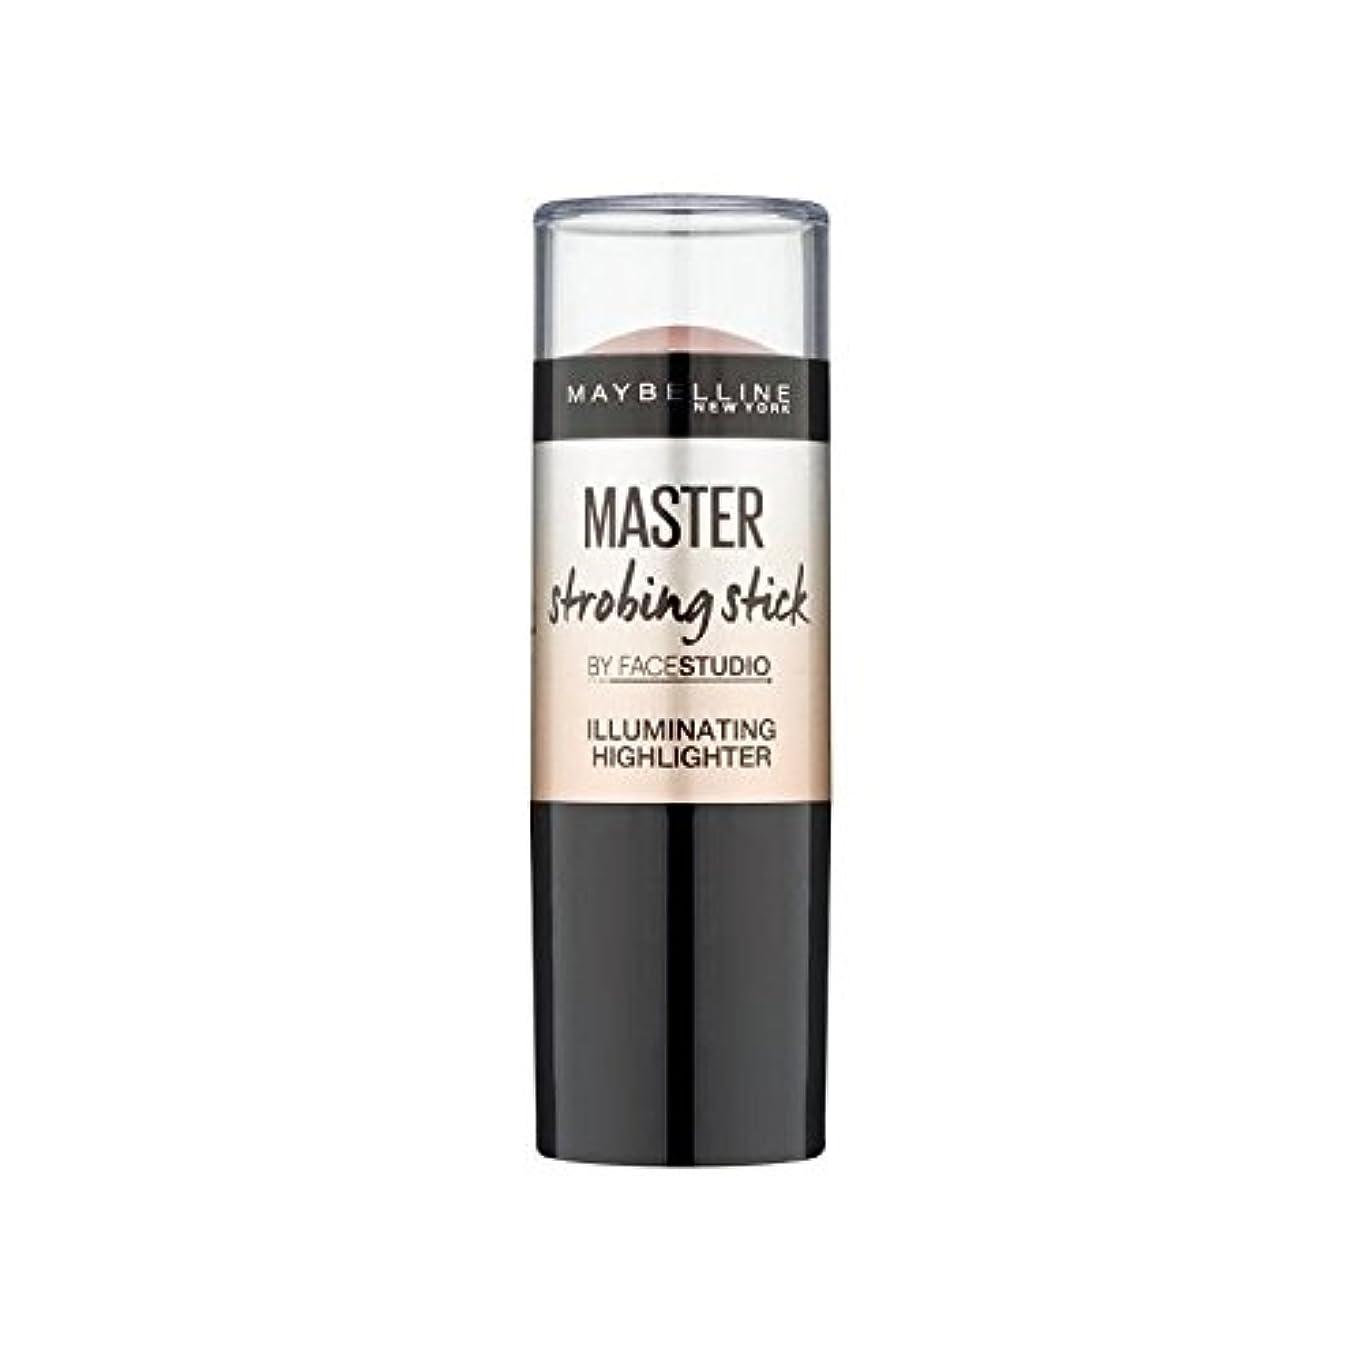 無謀シャツ協力メイベリンマスターストロボスティックライト x2 - Maybelline Master Strobing Stick Light (Pack of 2) [並行輸入品]